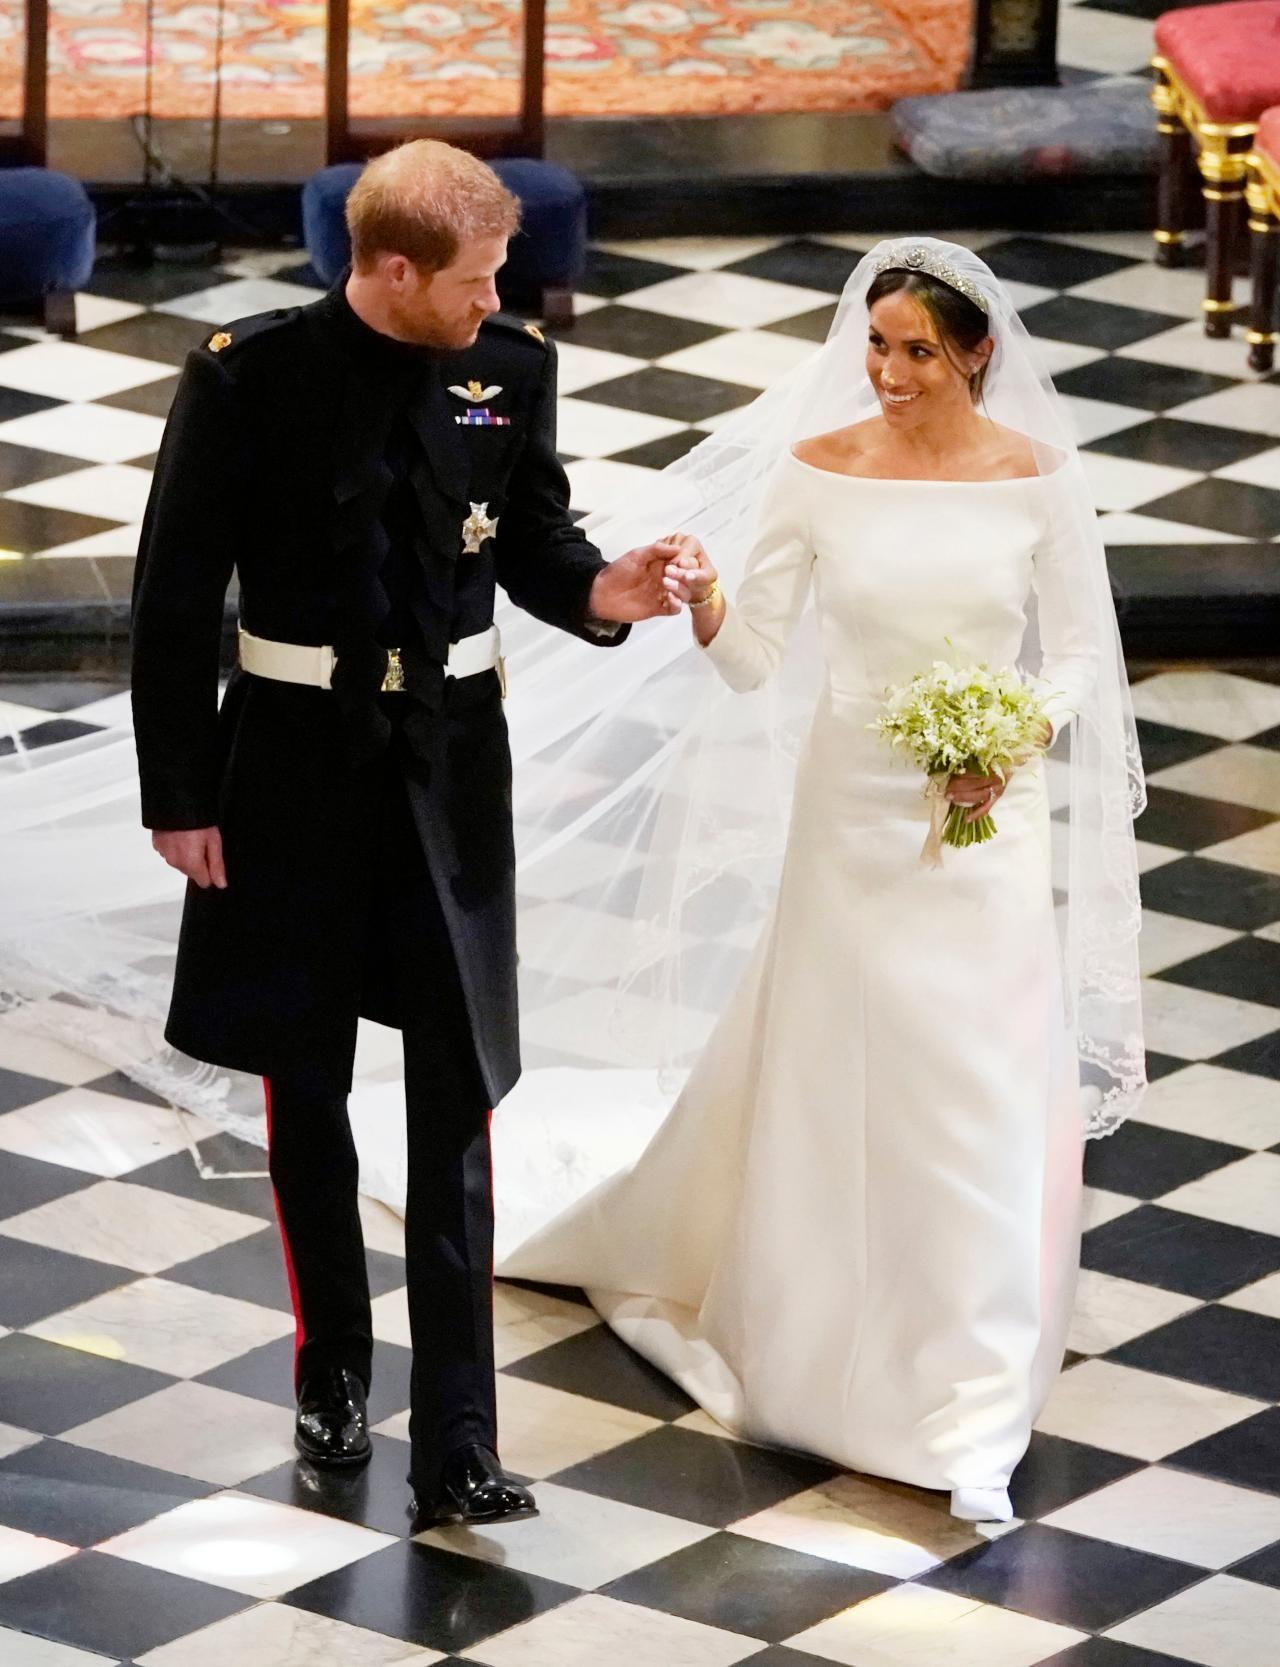 Lookbook - WELT  Königliche hochzeitskleider, Kleid hochzeit